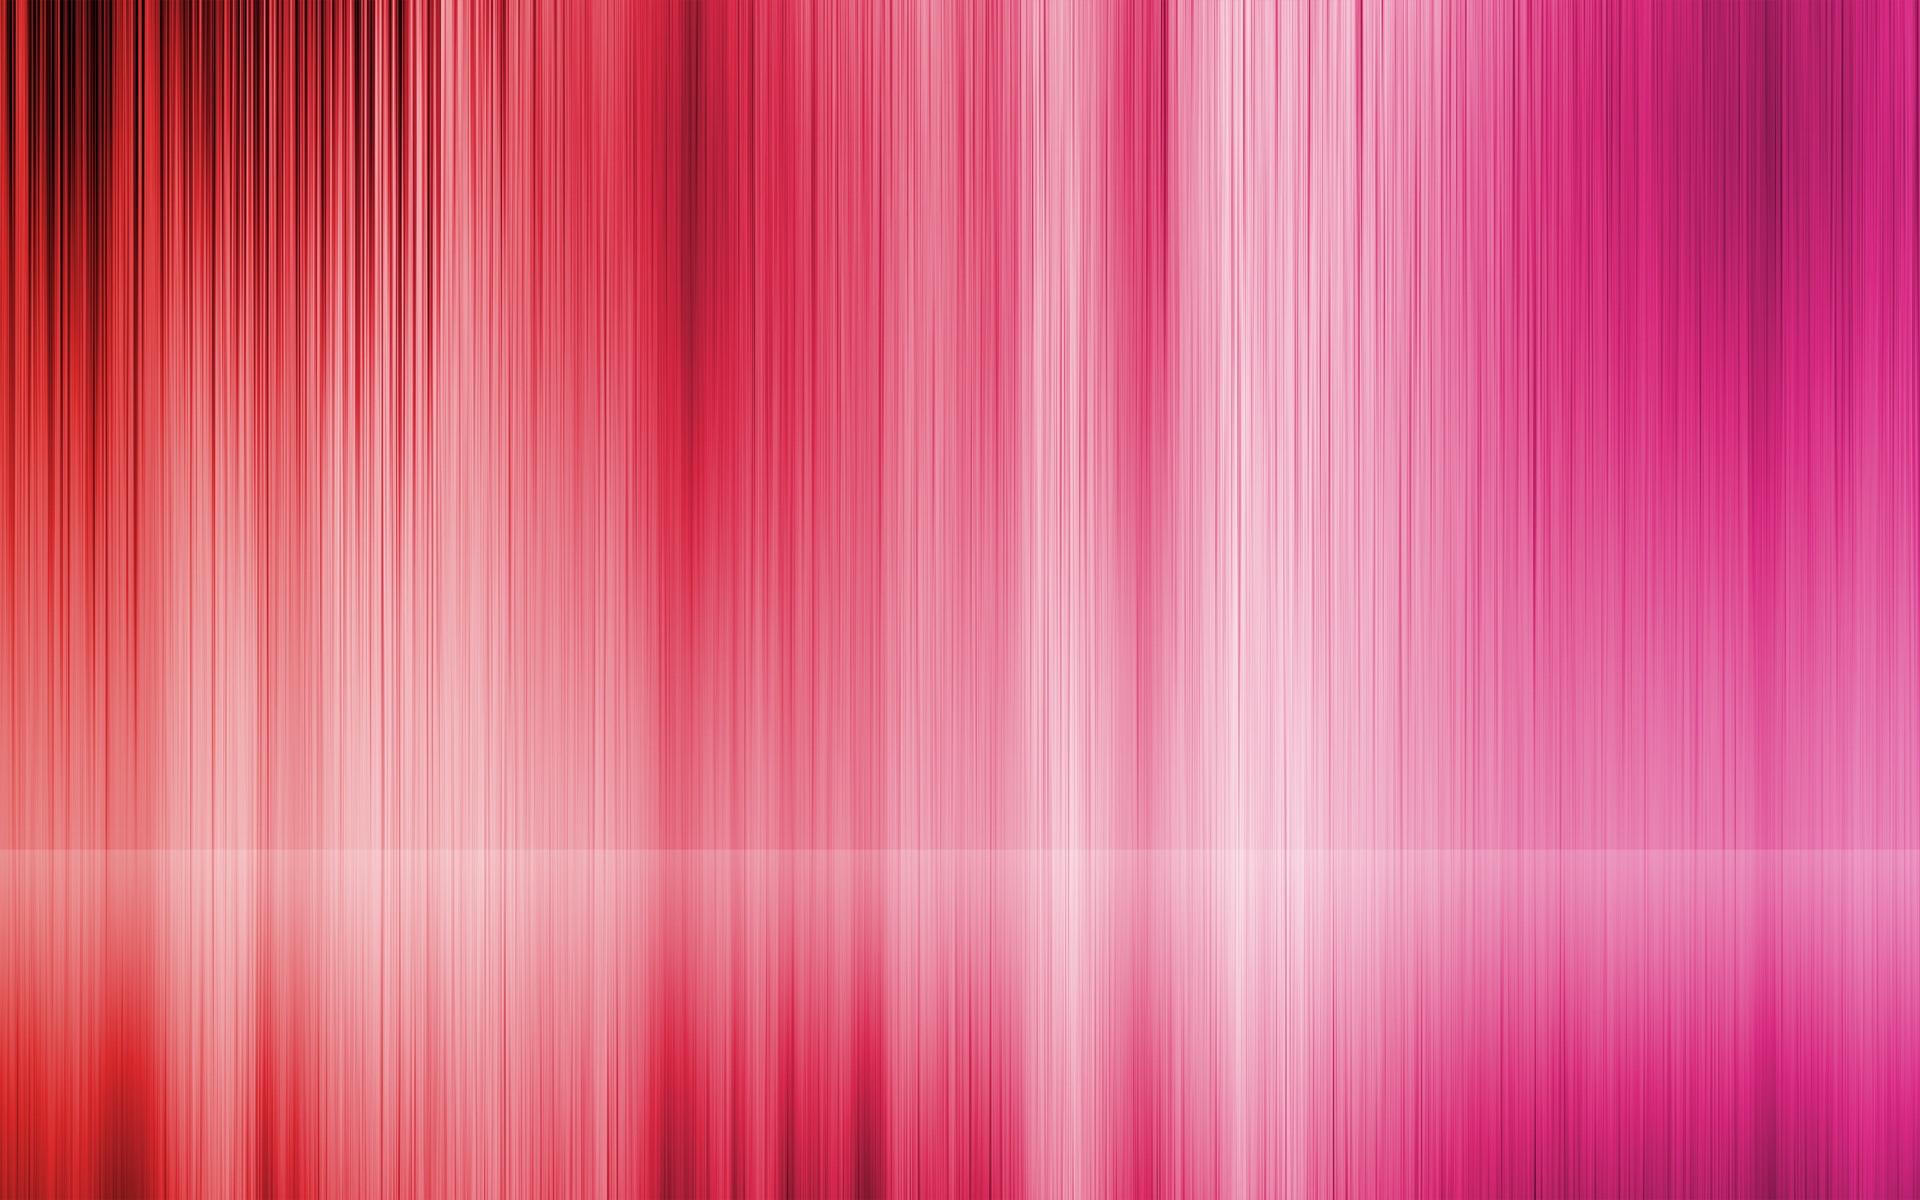 Hot Pink Wallpaper 24 Wide Wallpaper